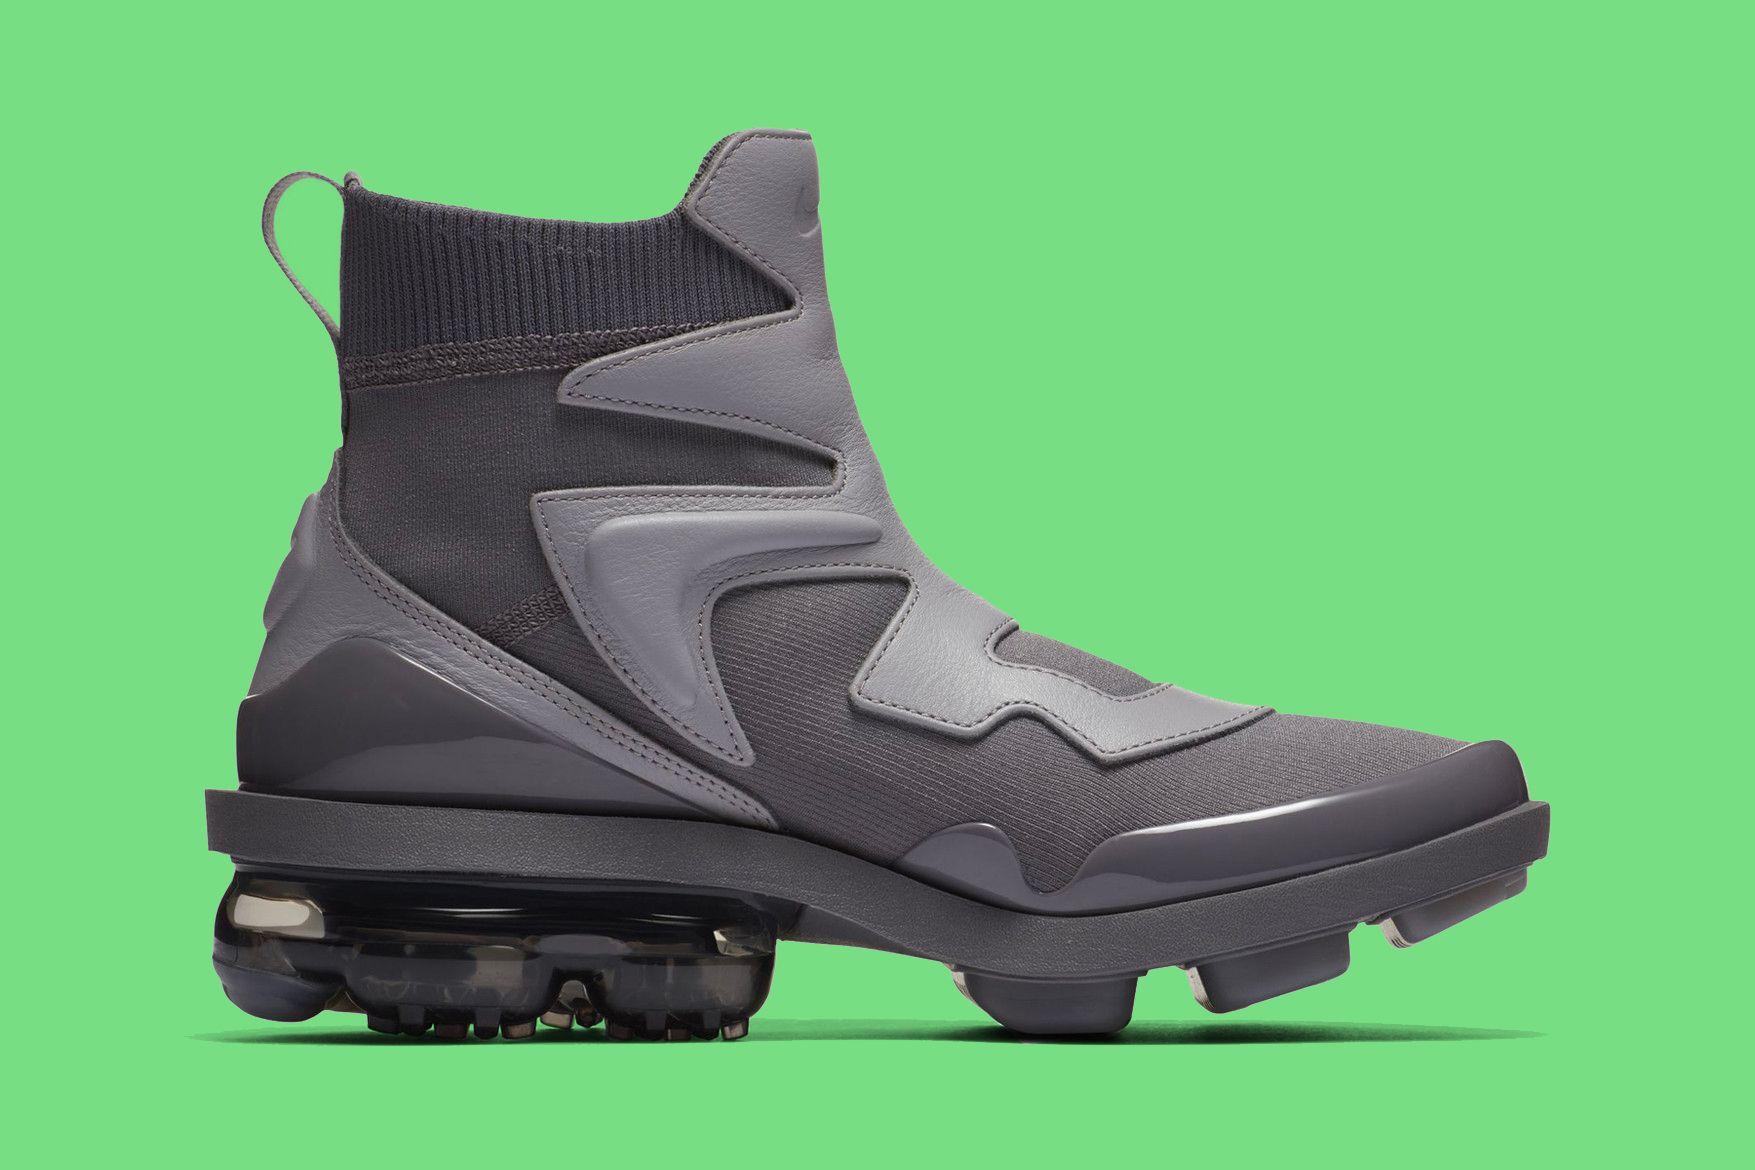 Nike Air Vapormax Light 3